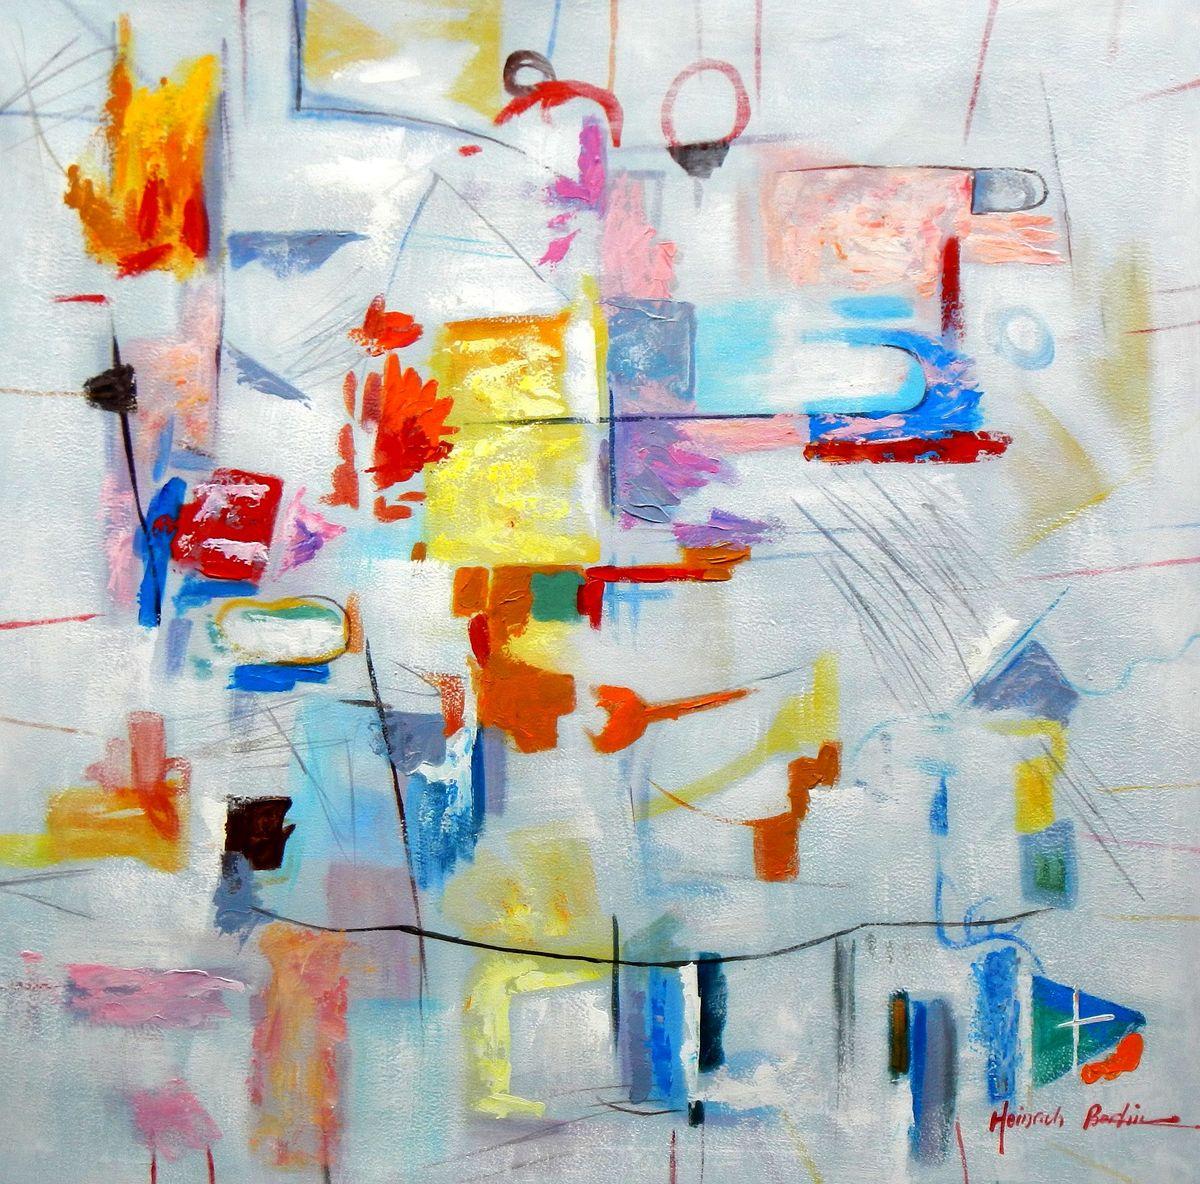 Abstract - Playground g96824 80x80cm abstraktes Gemälde handgemalt